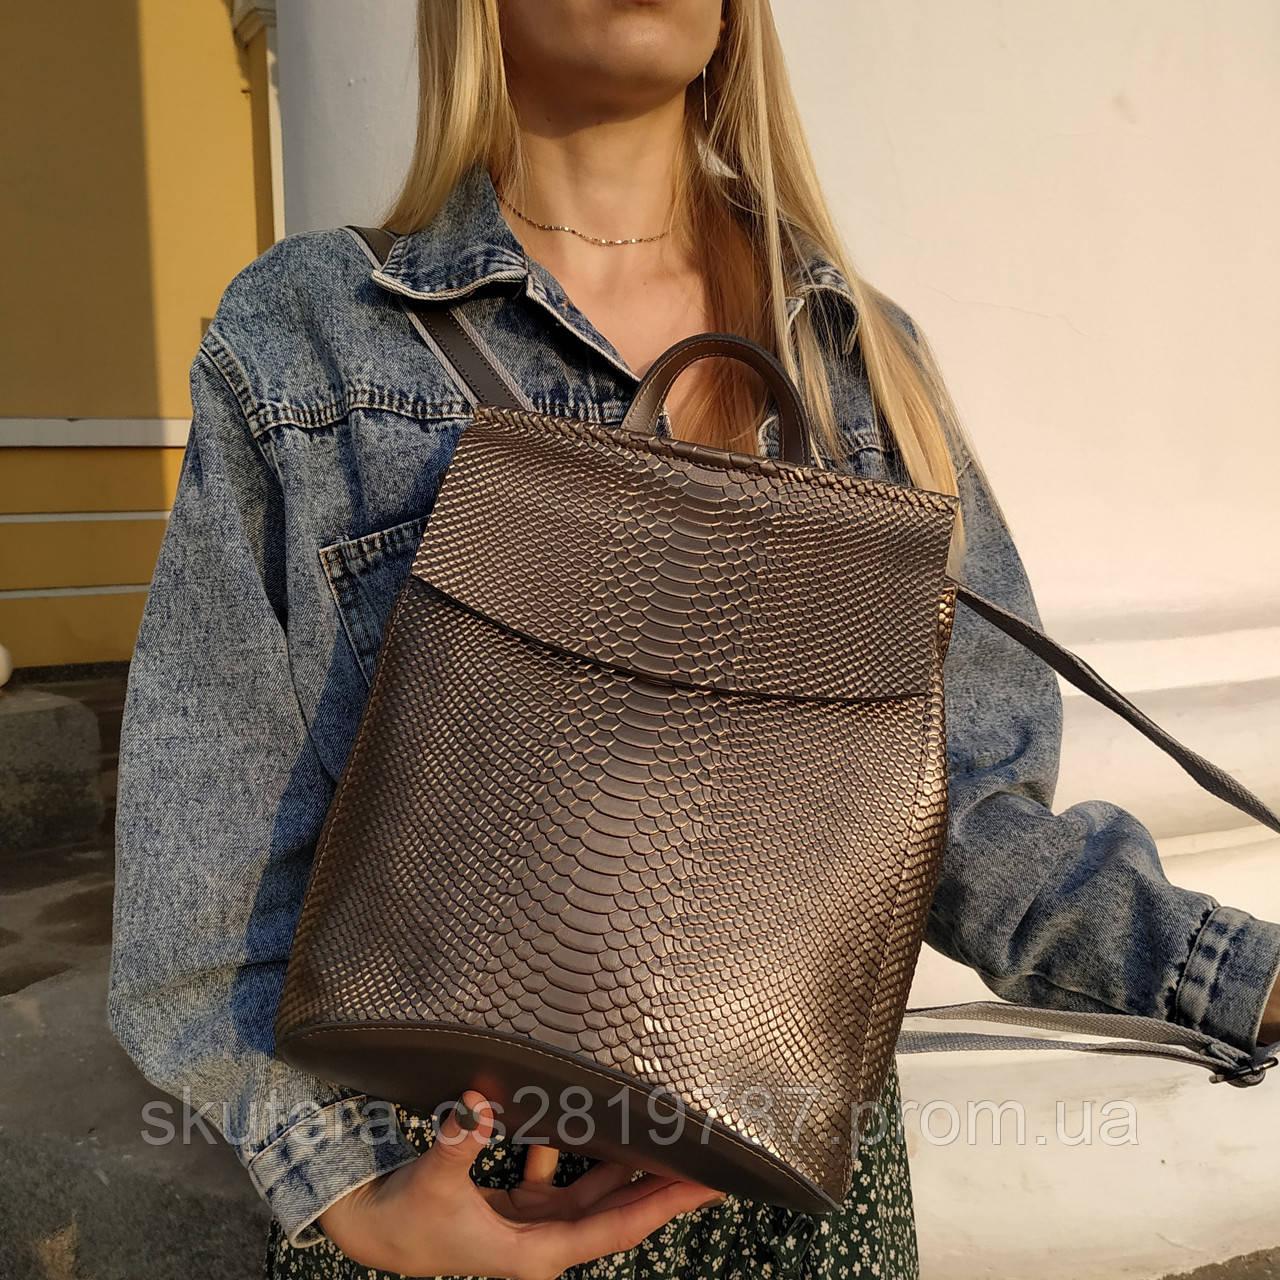 """Кожаный рюкзак-сумка (трансформер) с теснением под змеиную кожу """"Питон Bronze"""", фото 1"""